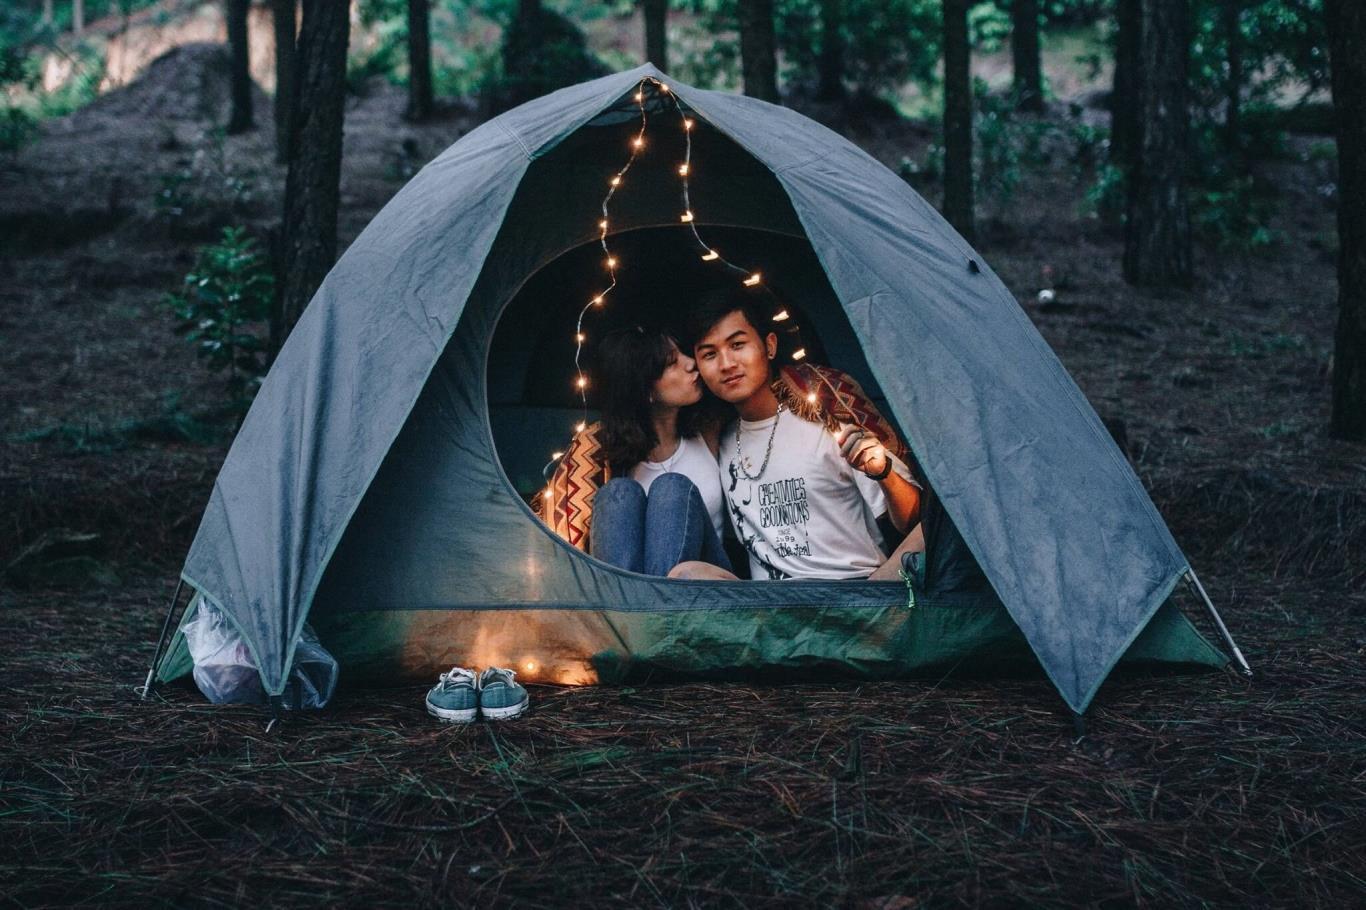 Hàm Lợn là điểm cắm trại lý tưởng cho các cặp đôi